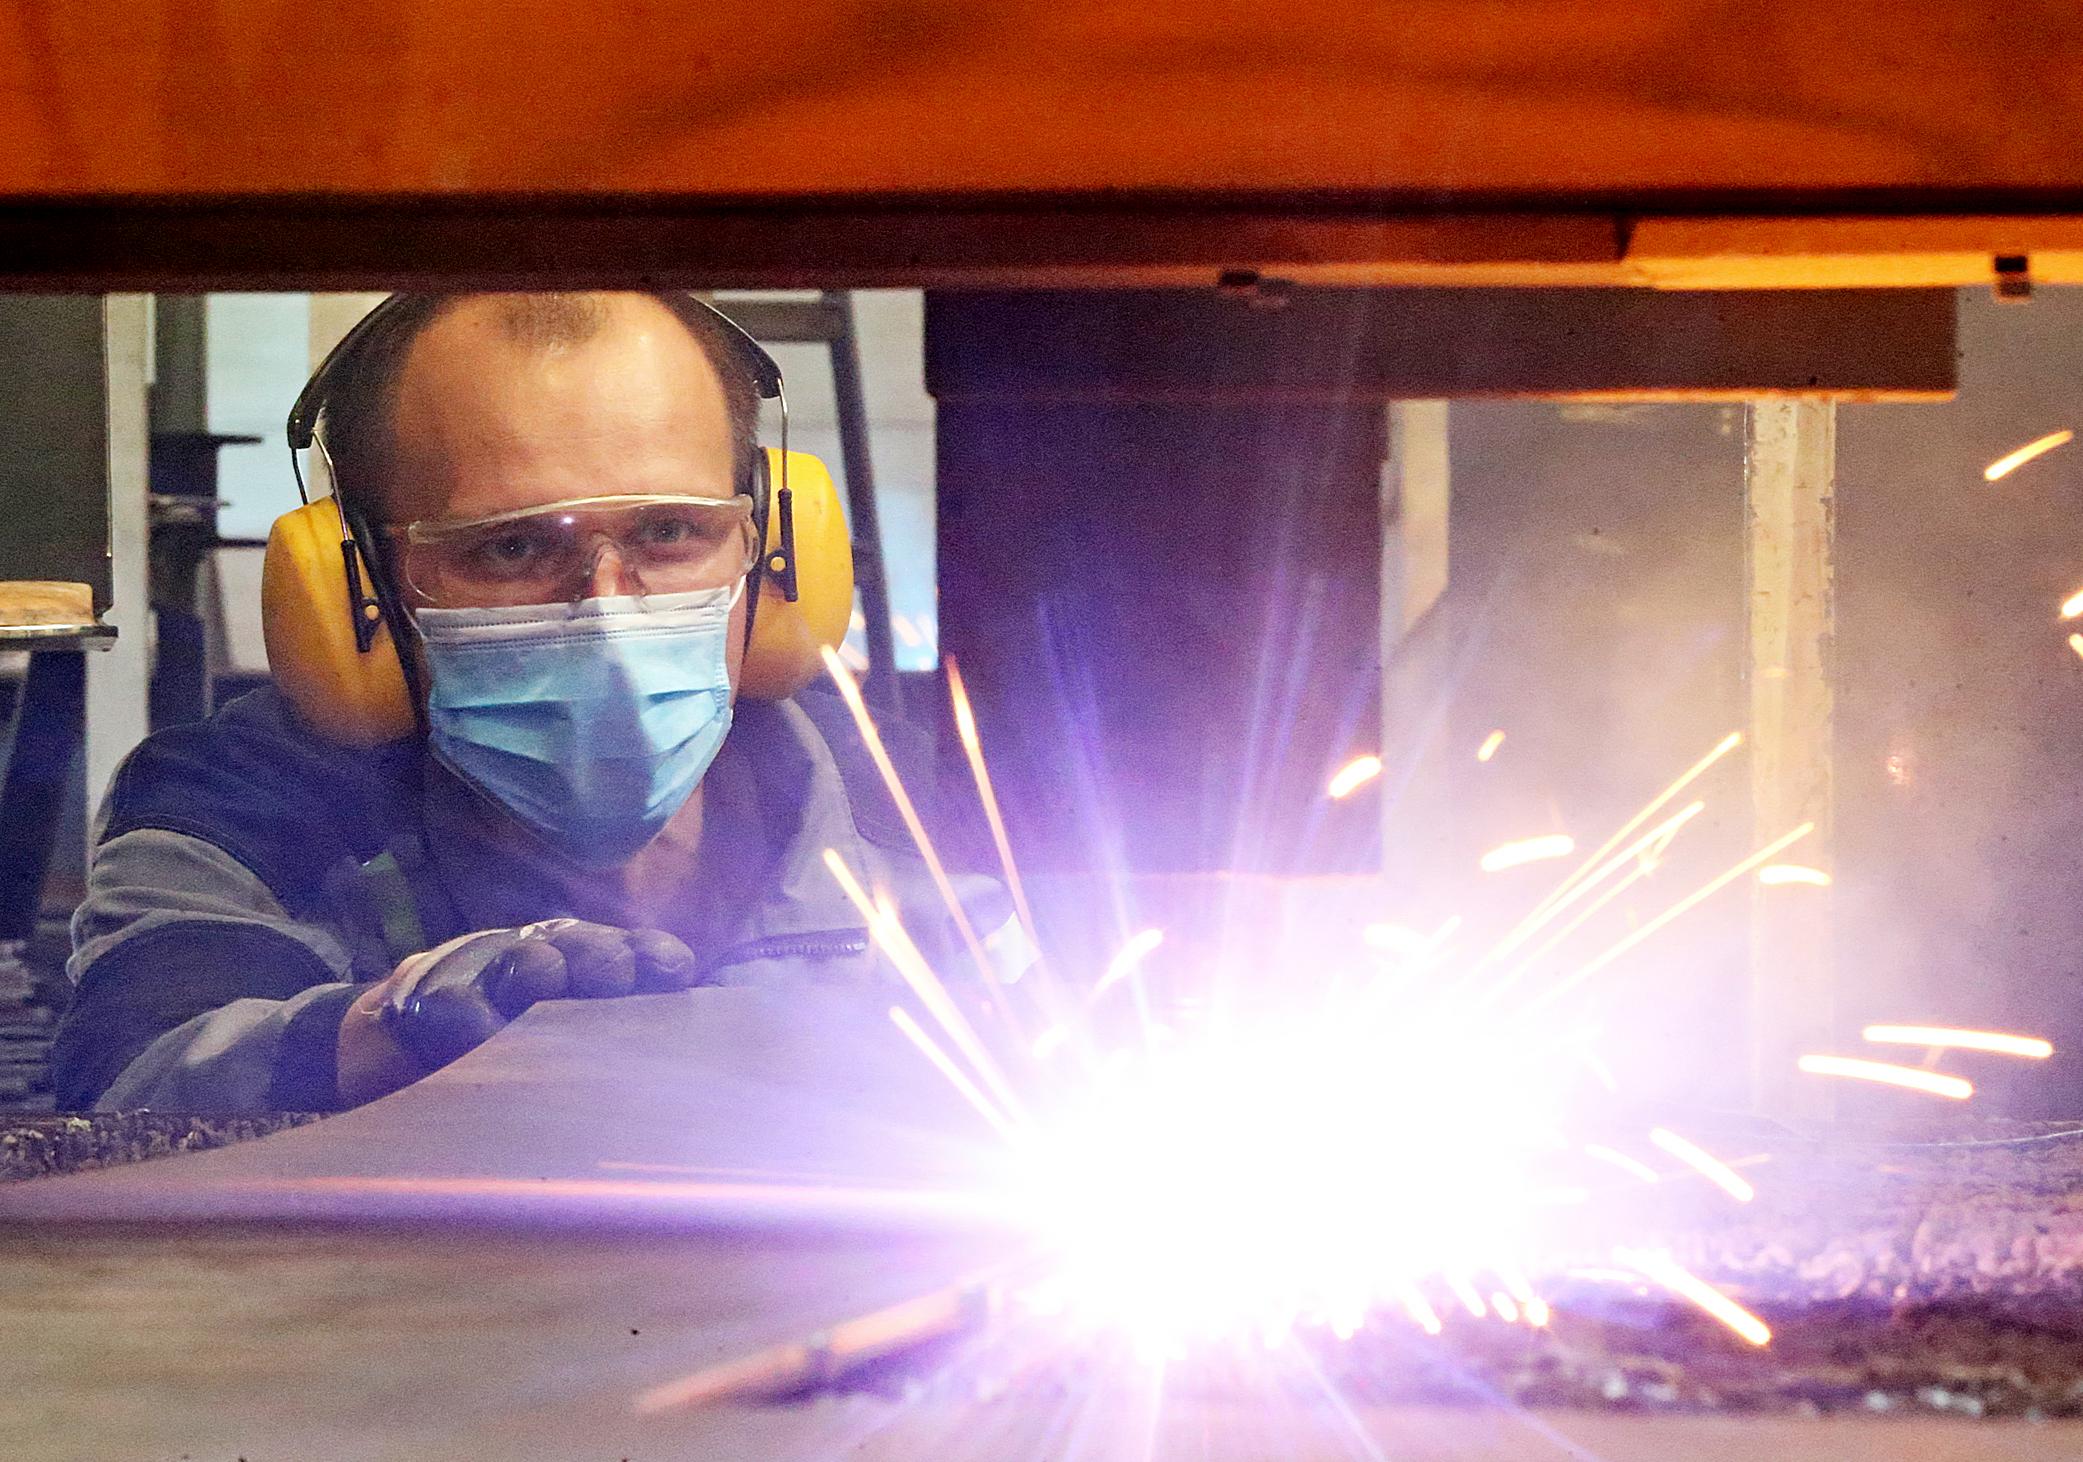 Производство деталей для автомобилей запустят в районе Бирюлево Западное